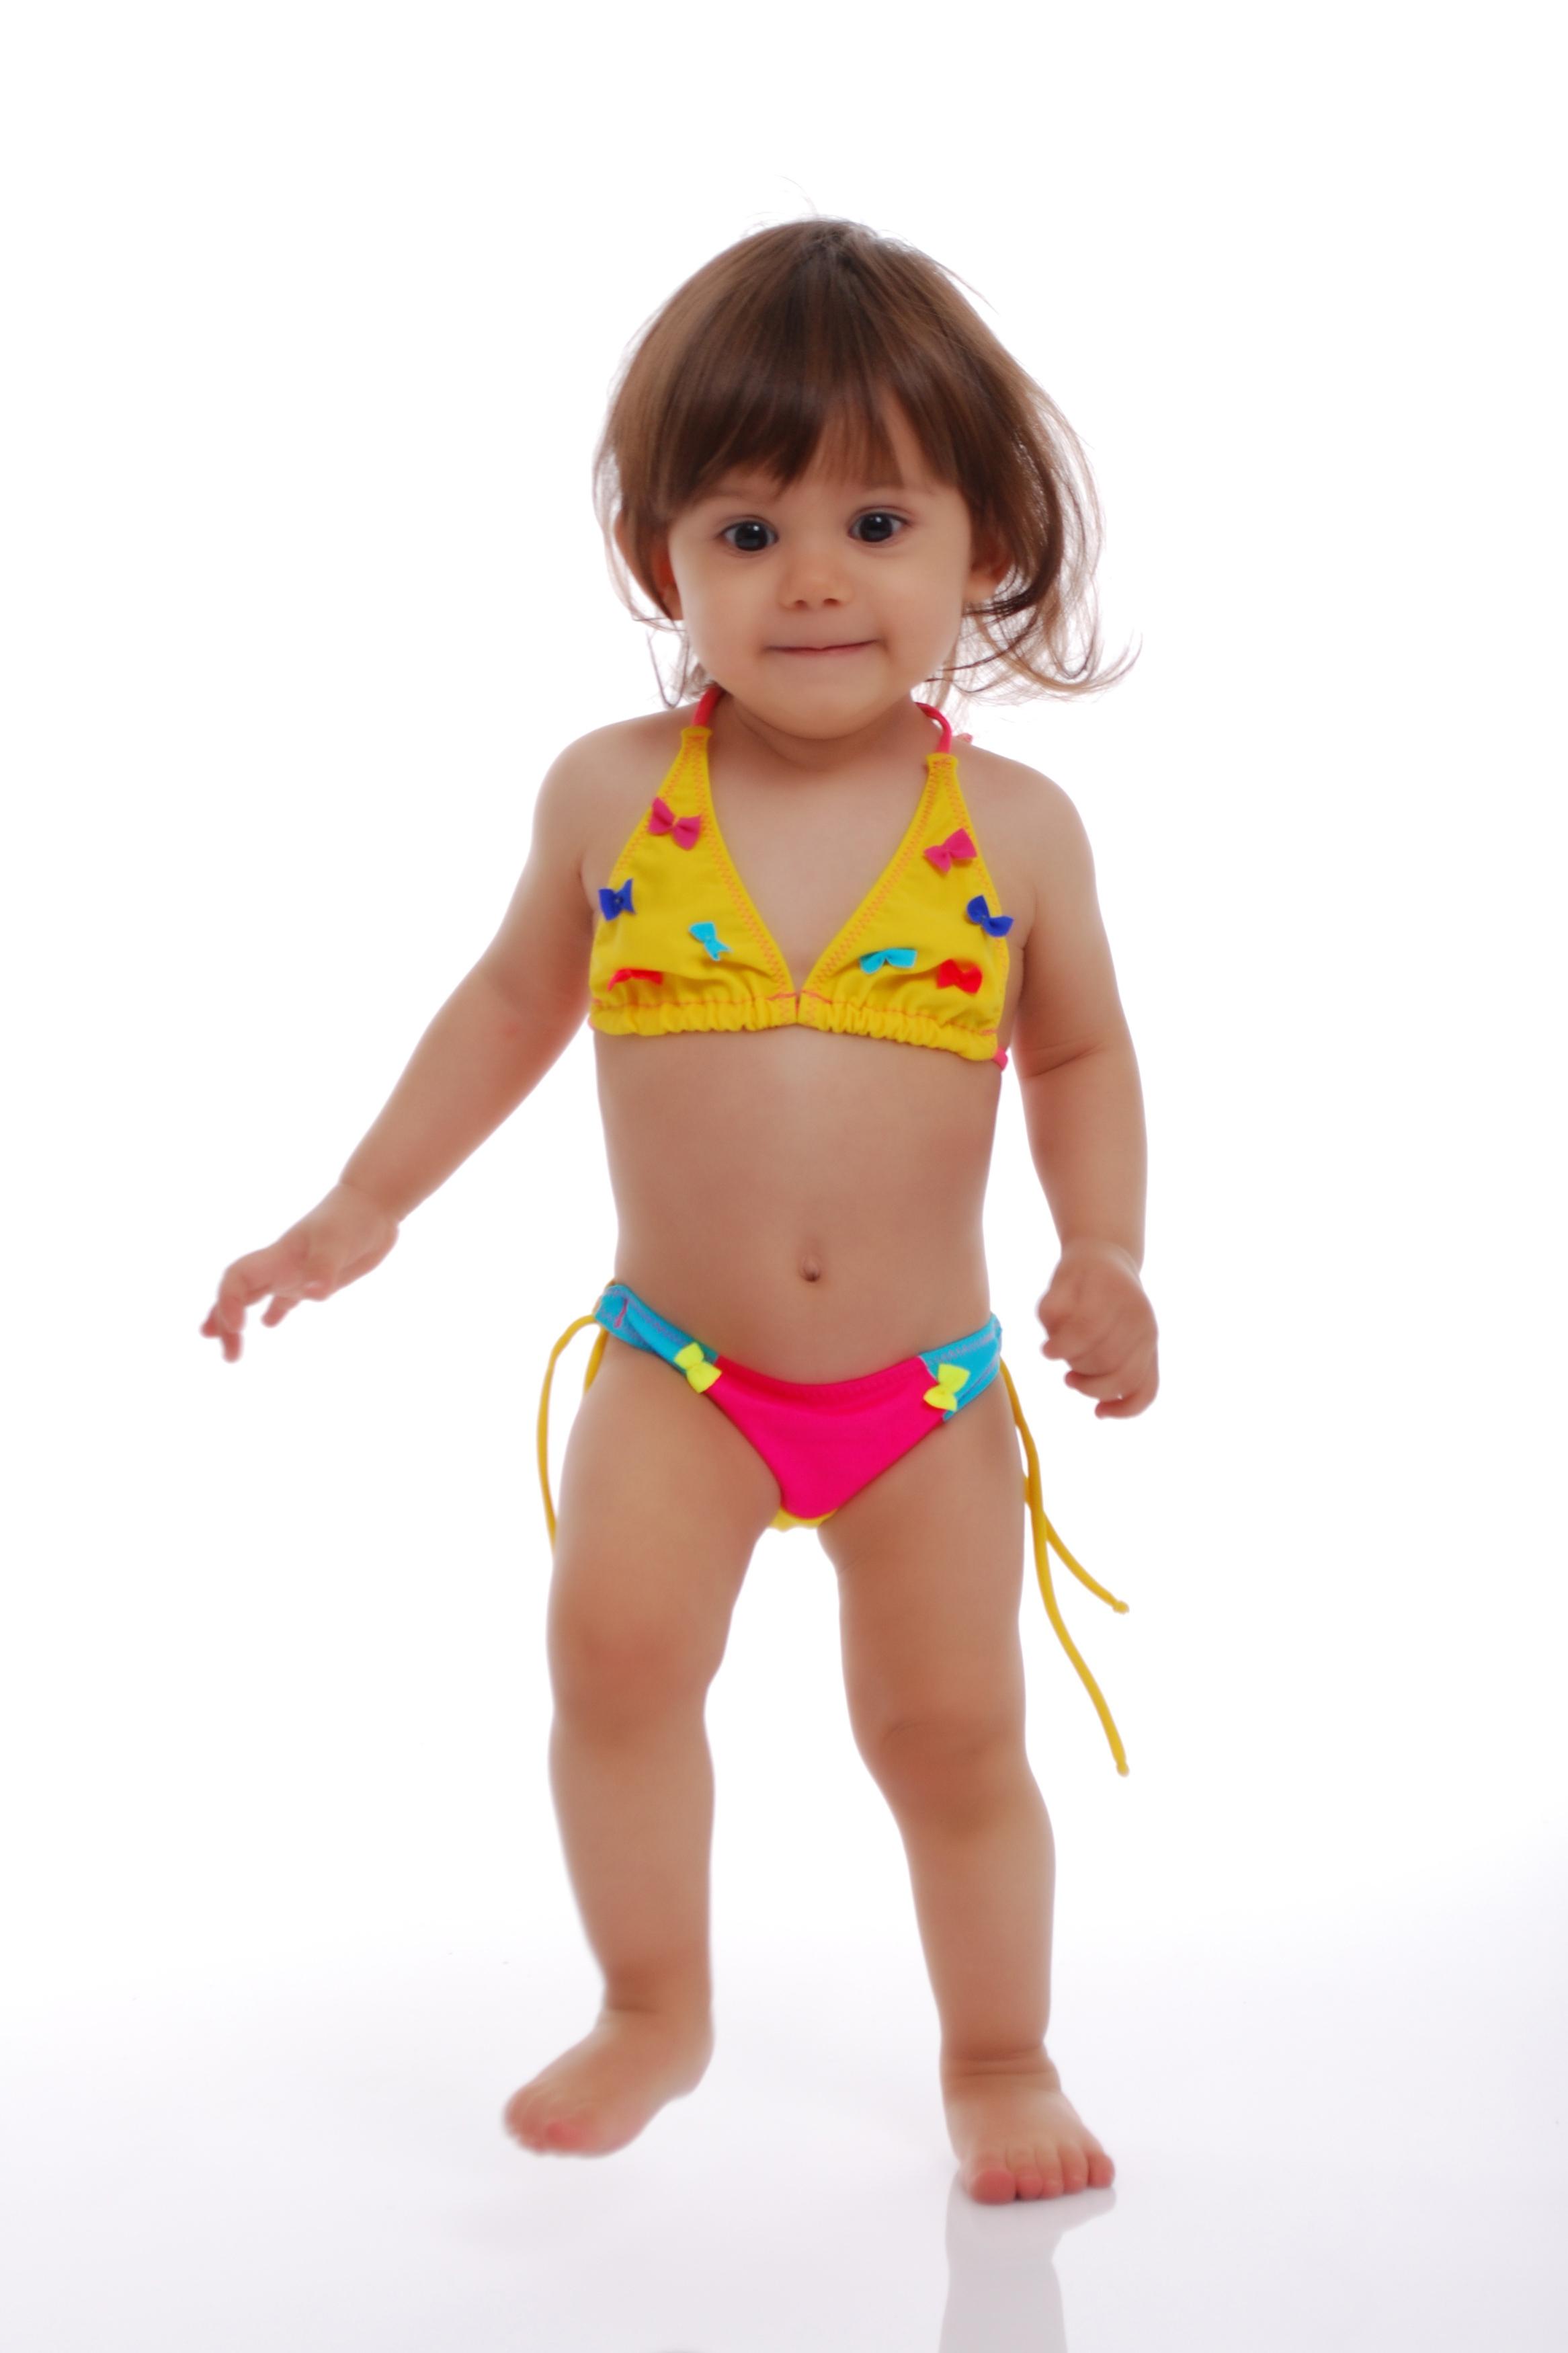 Bambini Costumi da bagno, Negozio online Wholesale Europa